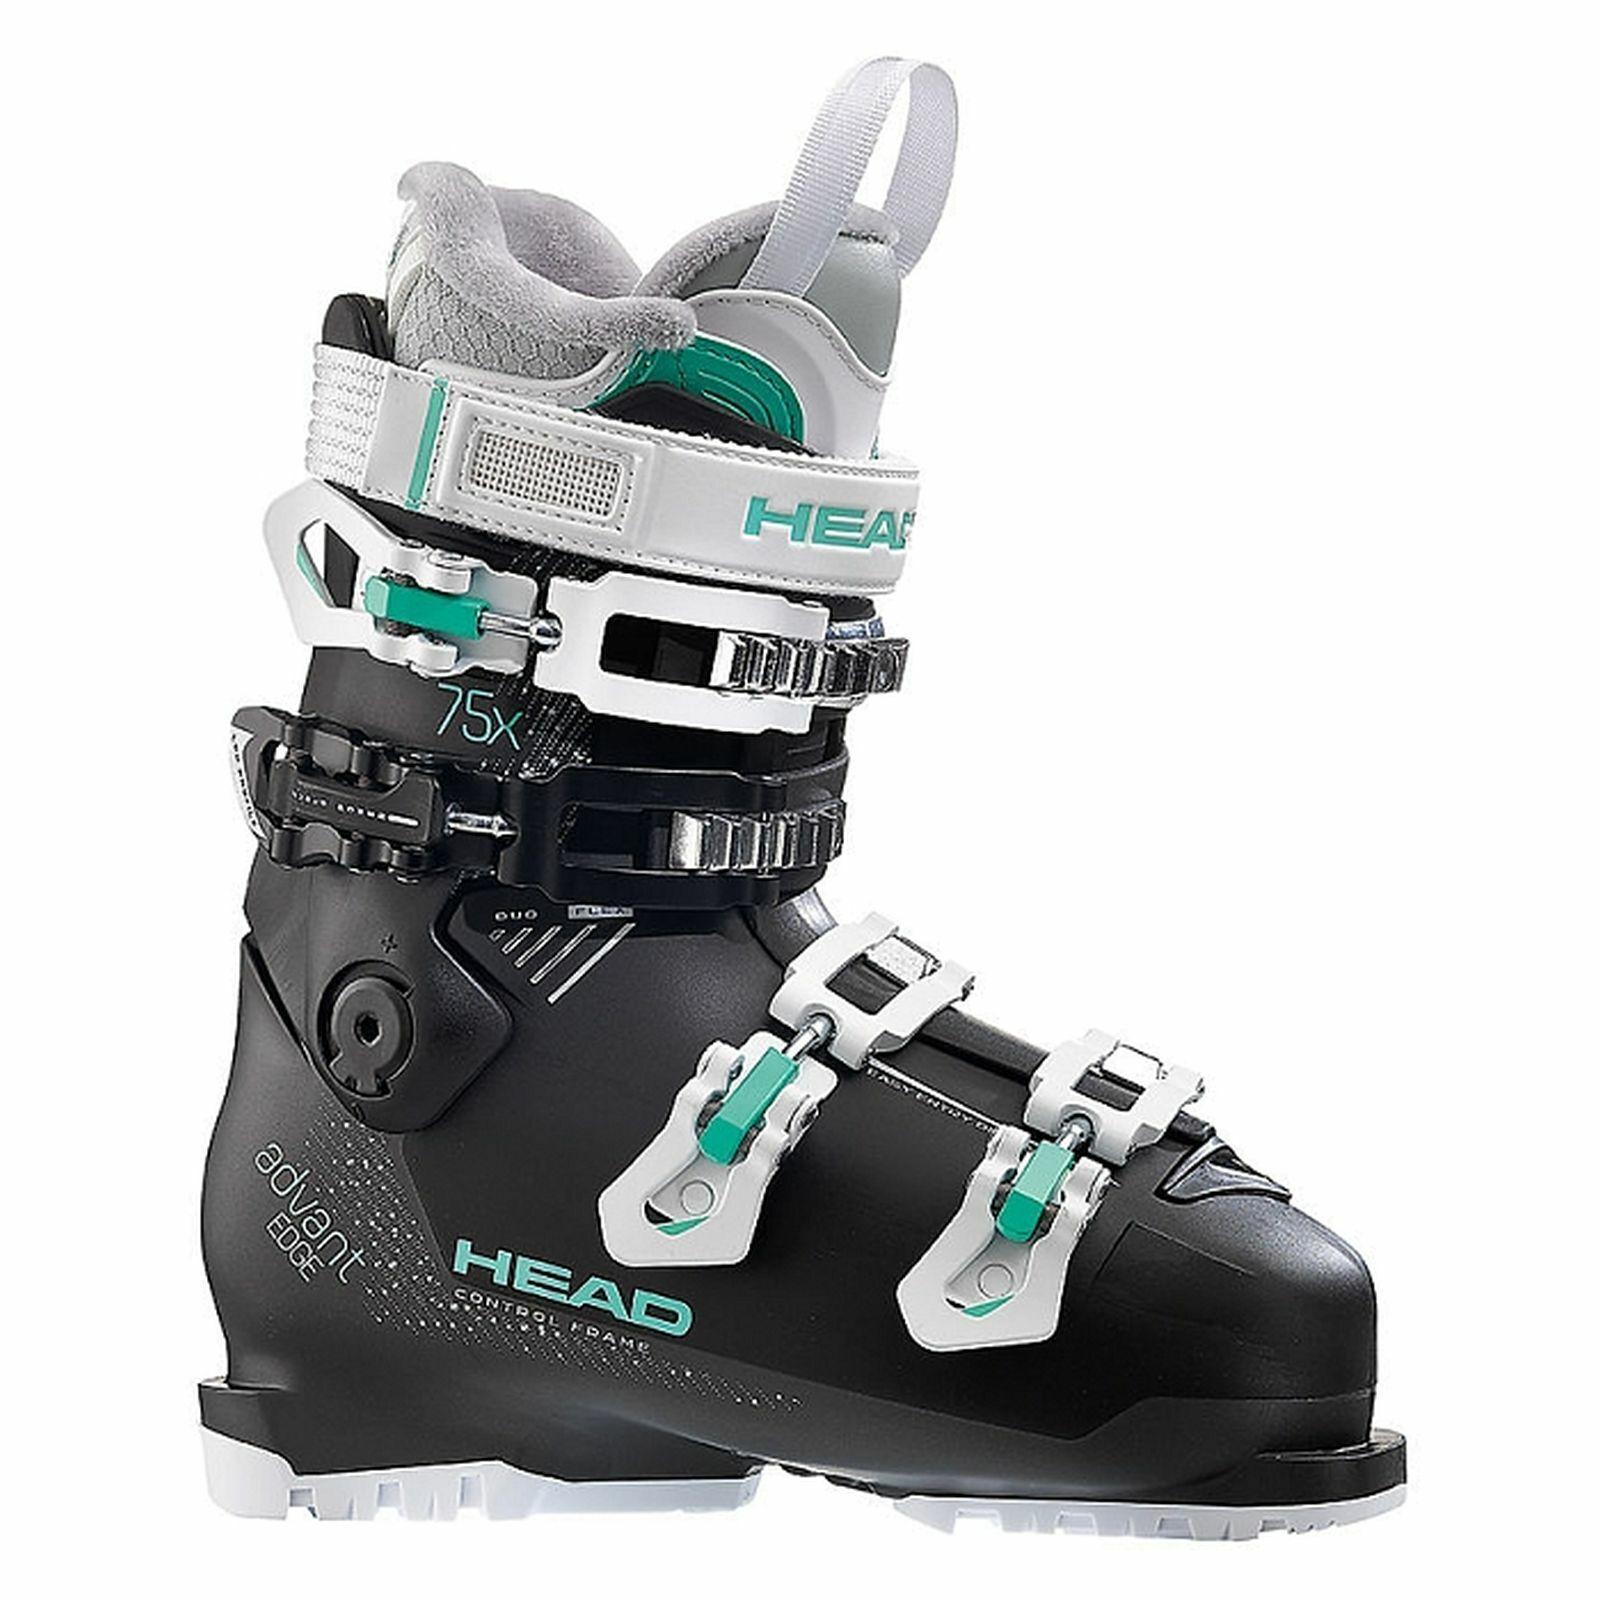 Head Ladies Ski schoen Ski schoen Advant Edge 75X Womannen zwart